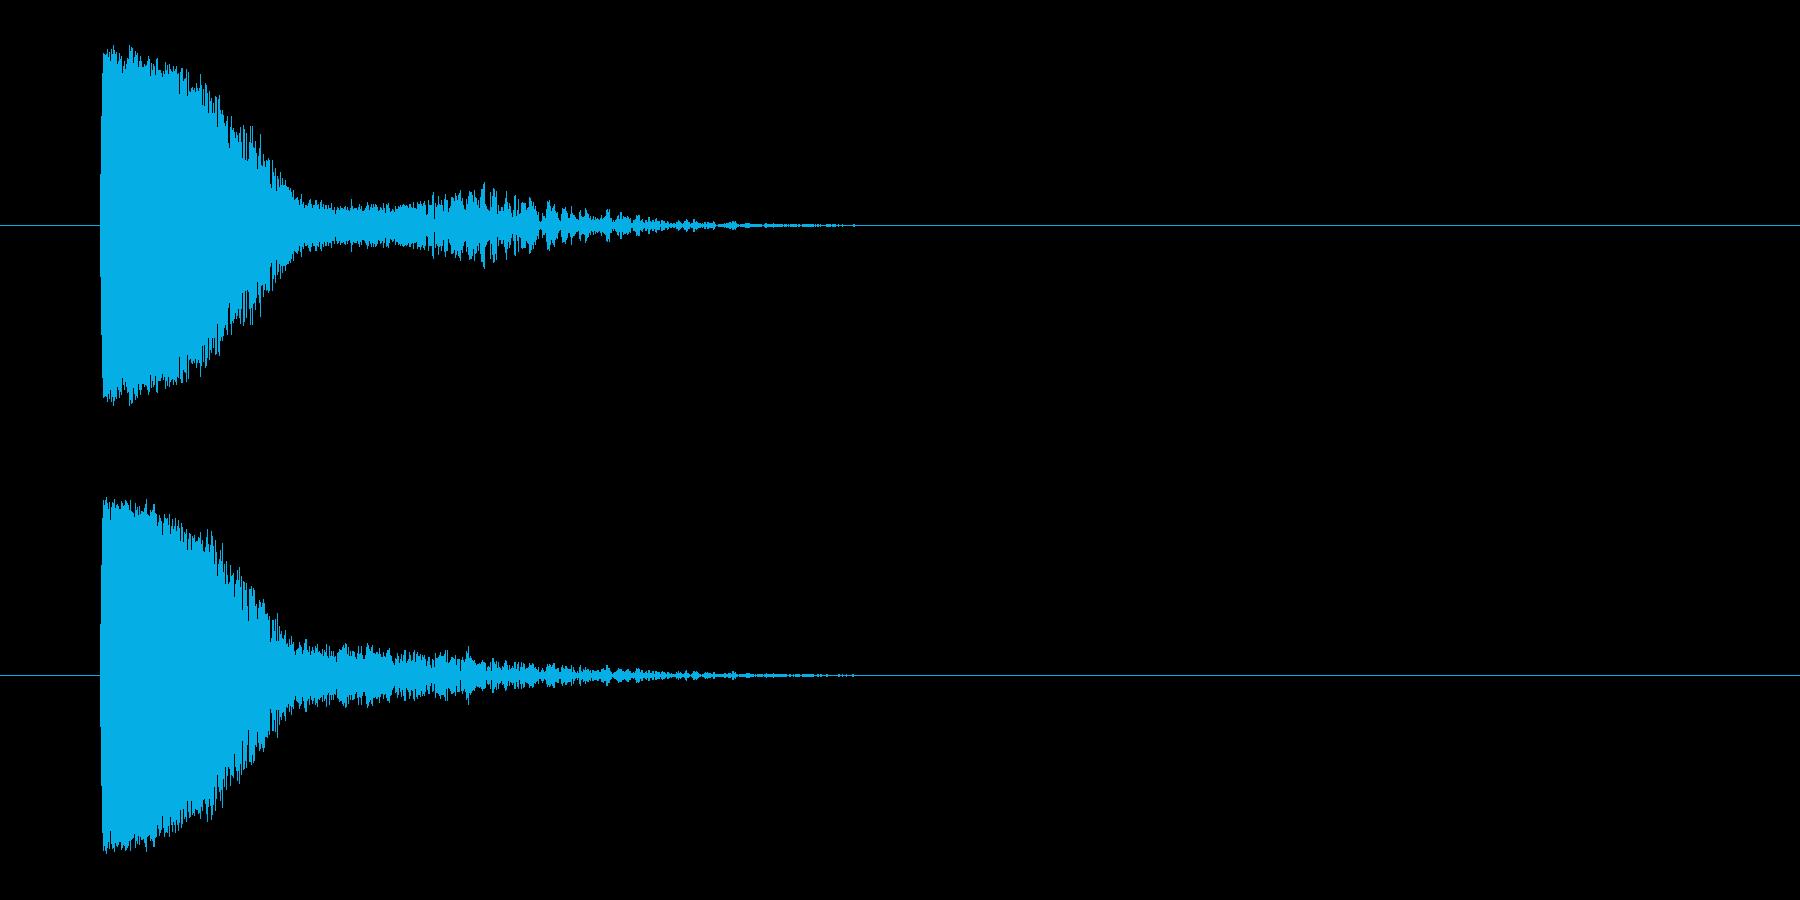 レーザー光線銃-銃声の再生済みの波形